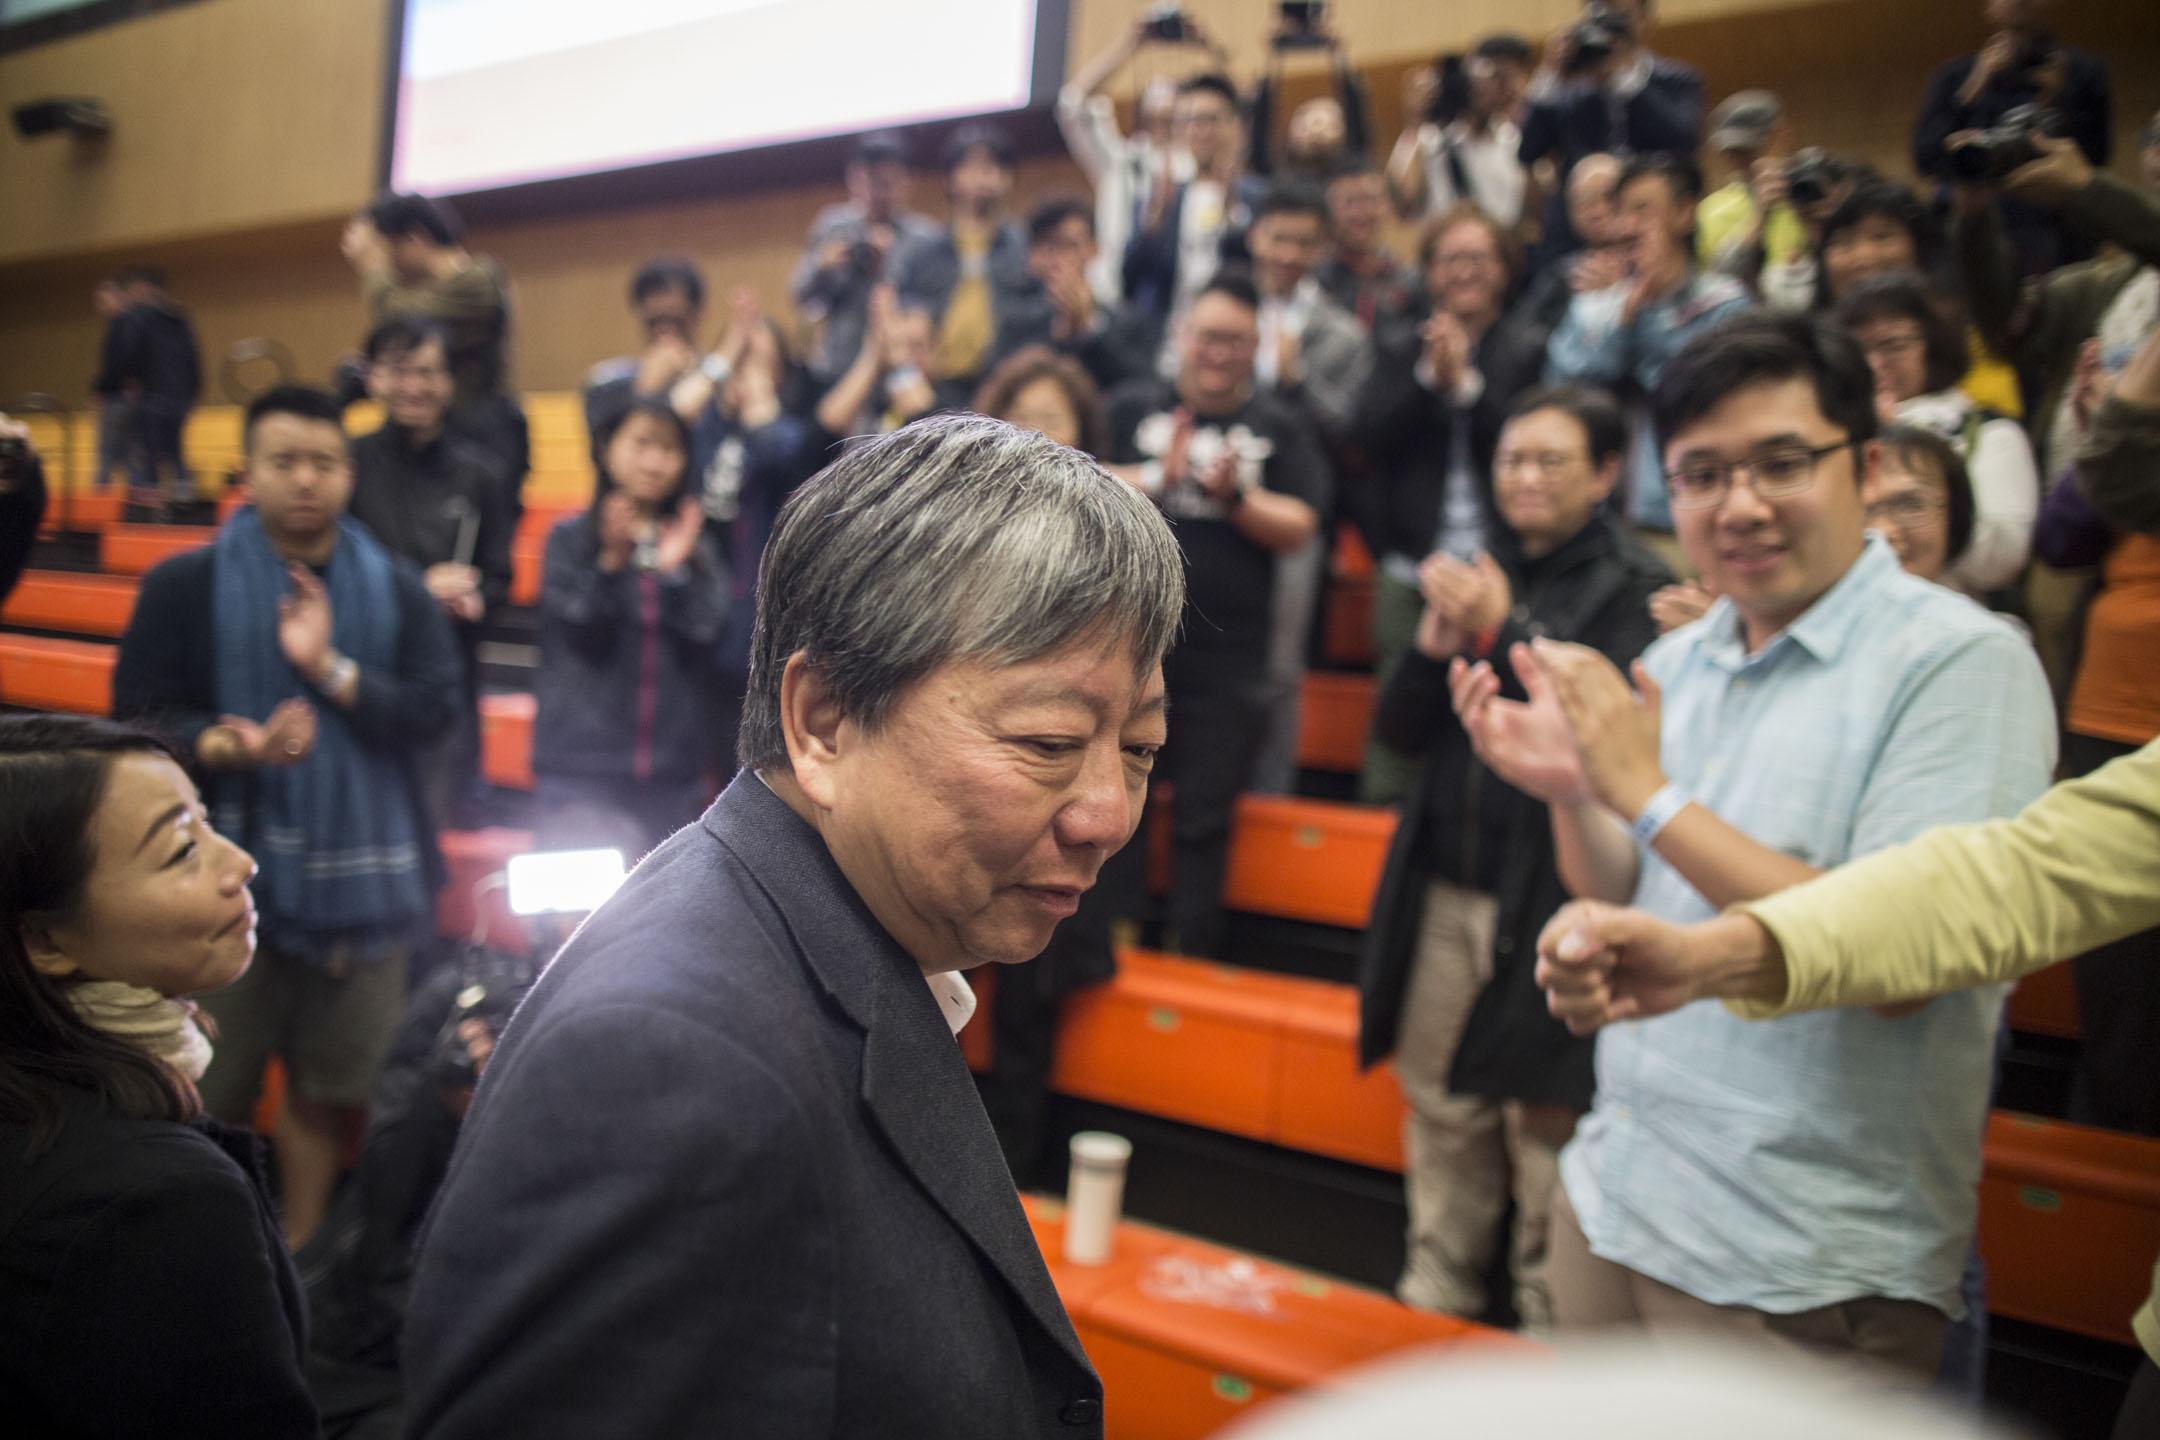 2018年11月26日凌晨, 落選的參選人李卓人到公眾席與支持者會面,支持者拍掌為他打氣。  攝:林振東/端傳媒